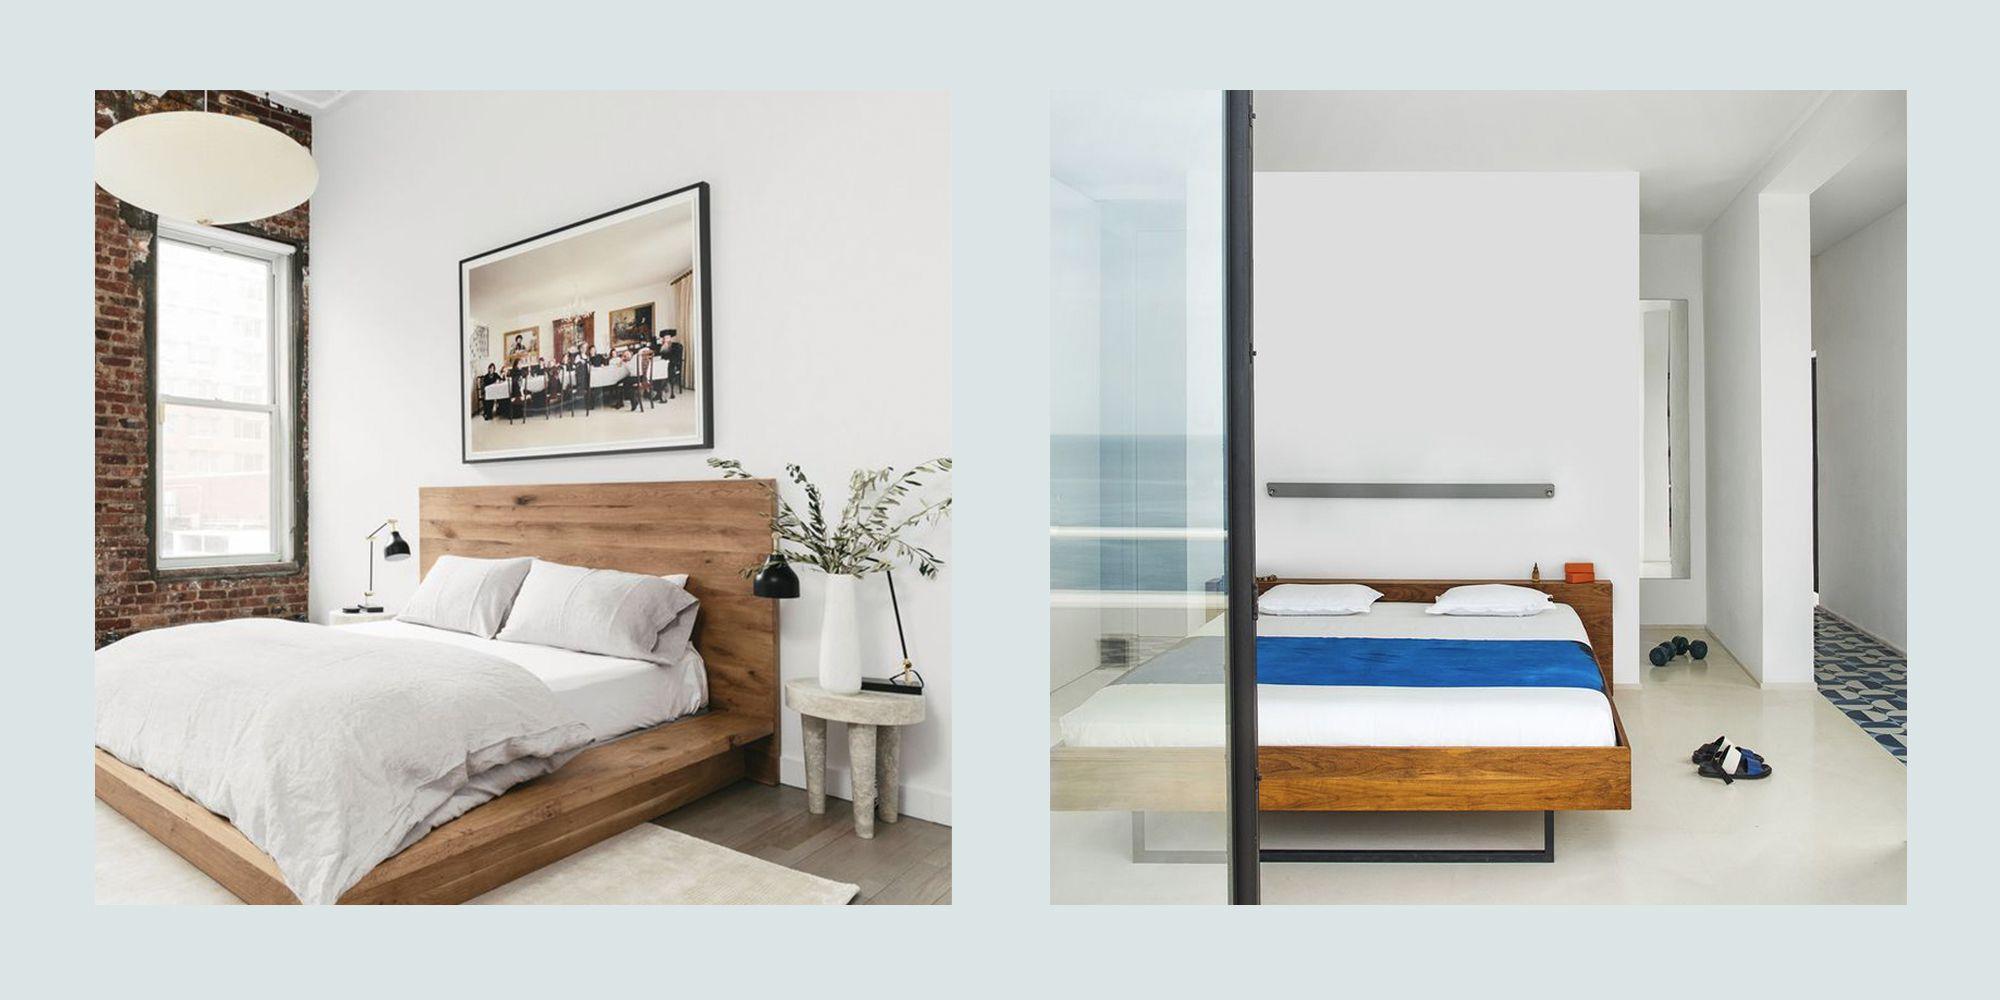 Modern Minimalist Bedrooms Ideas Savillefurniture Minimalist Bedroom Decor Elle Decor Bedroom Modern Minimalist Bedroom Interior design minimalist bedroom